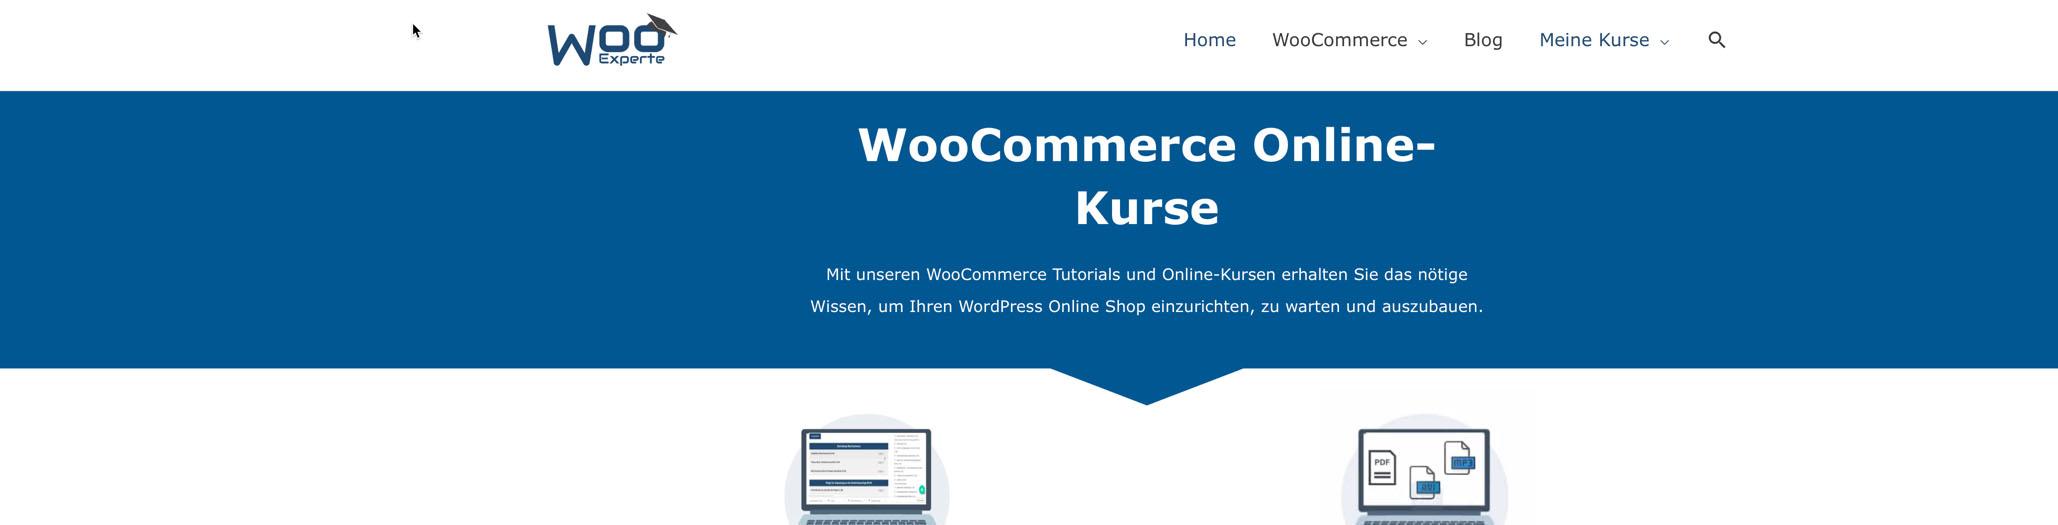 Online-Kurse mit WordPress erstellen und mit WooCommerce verkaufen 6